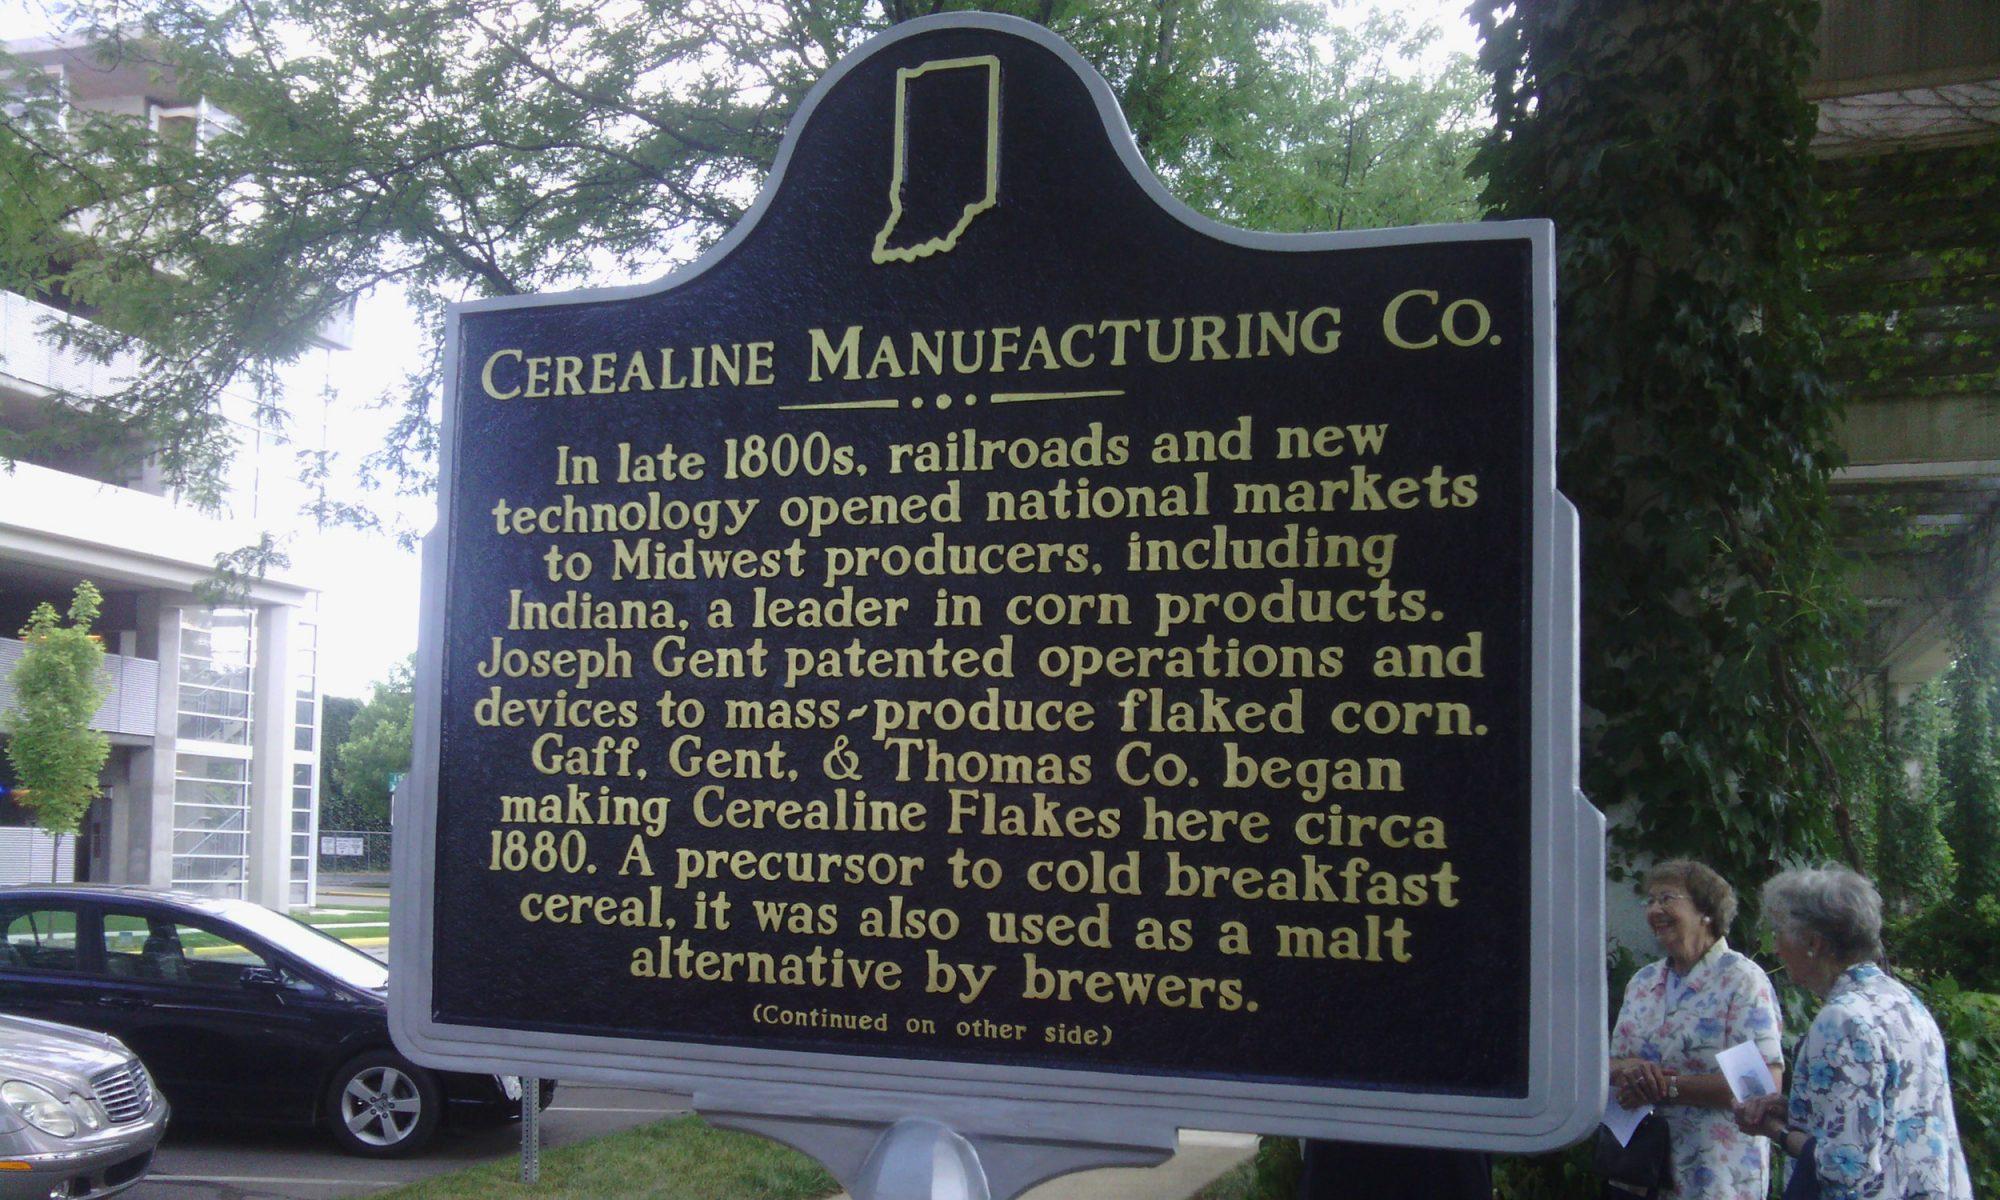 Cerealine sign